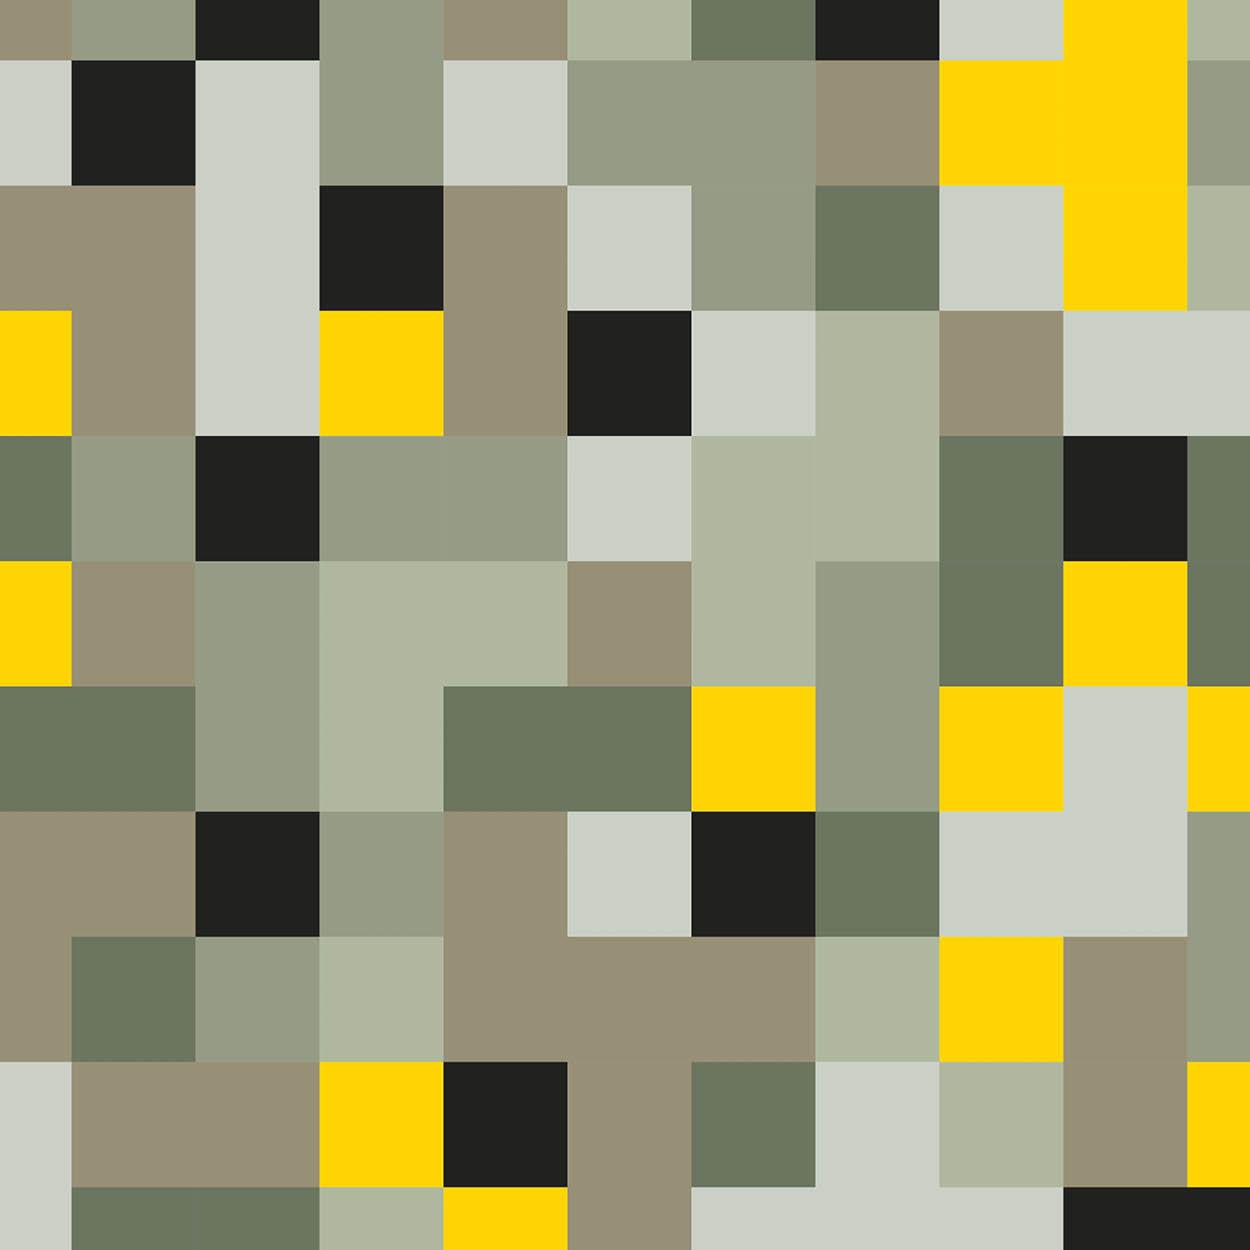 Big Pixel 5